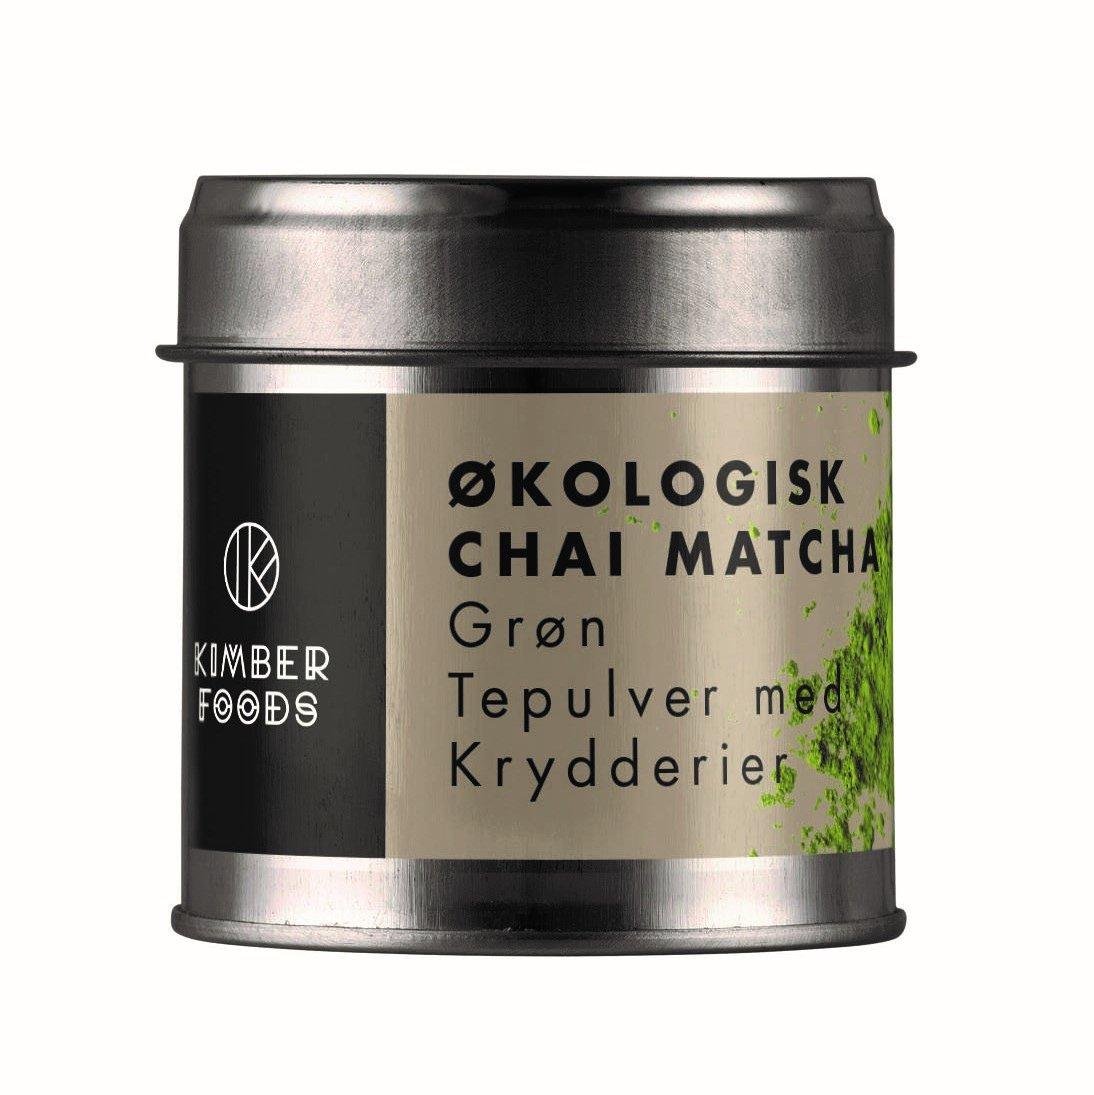 ØKOLOGISK CHAI MATCHA - matcha tepulver med krydderier